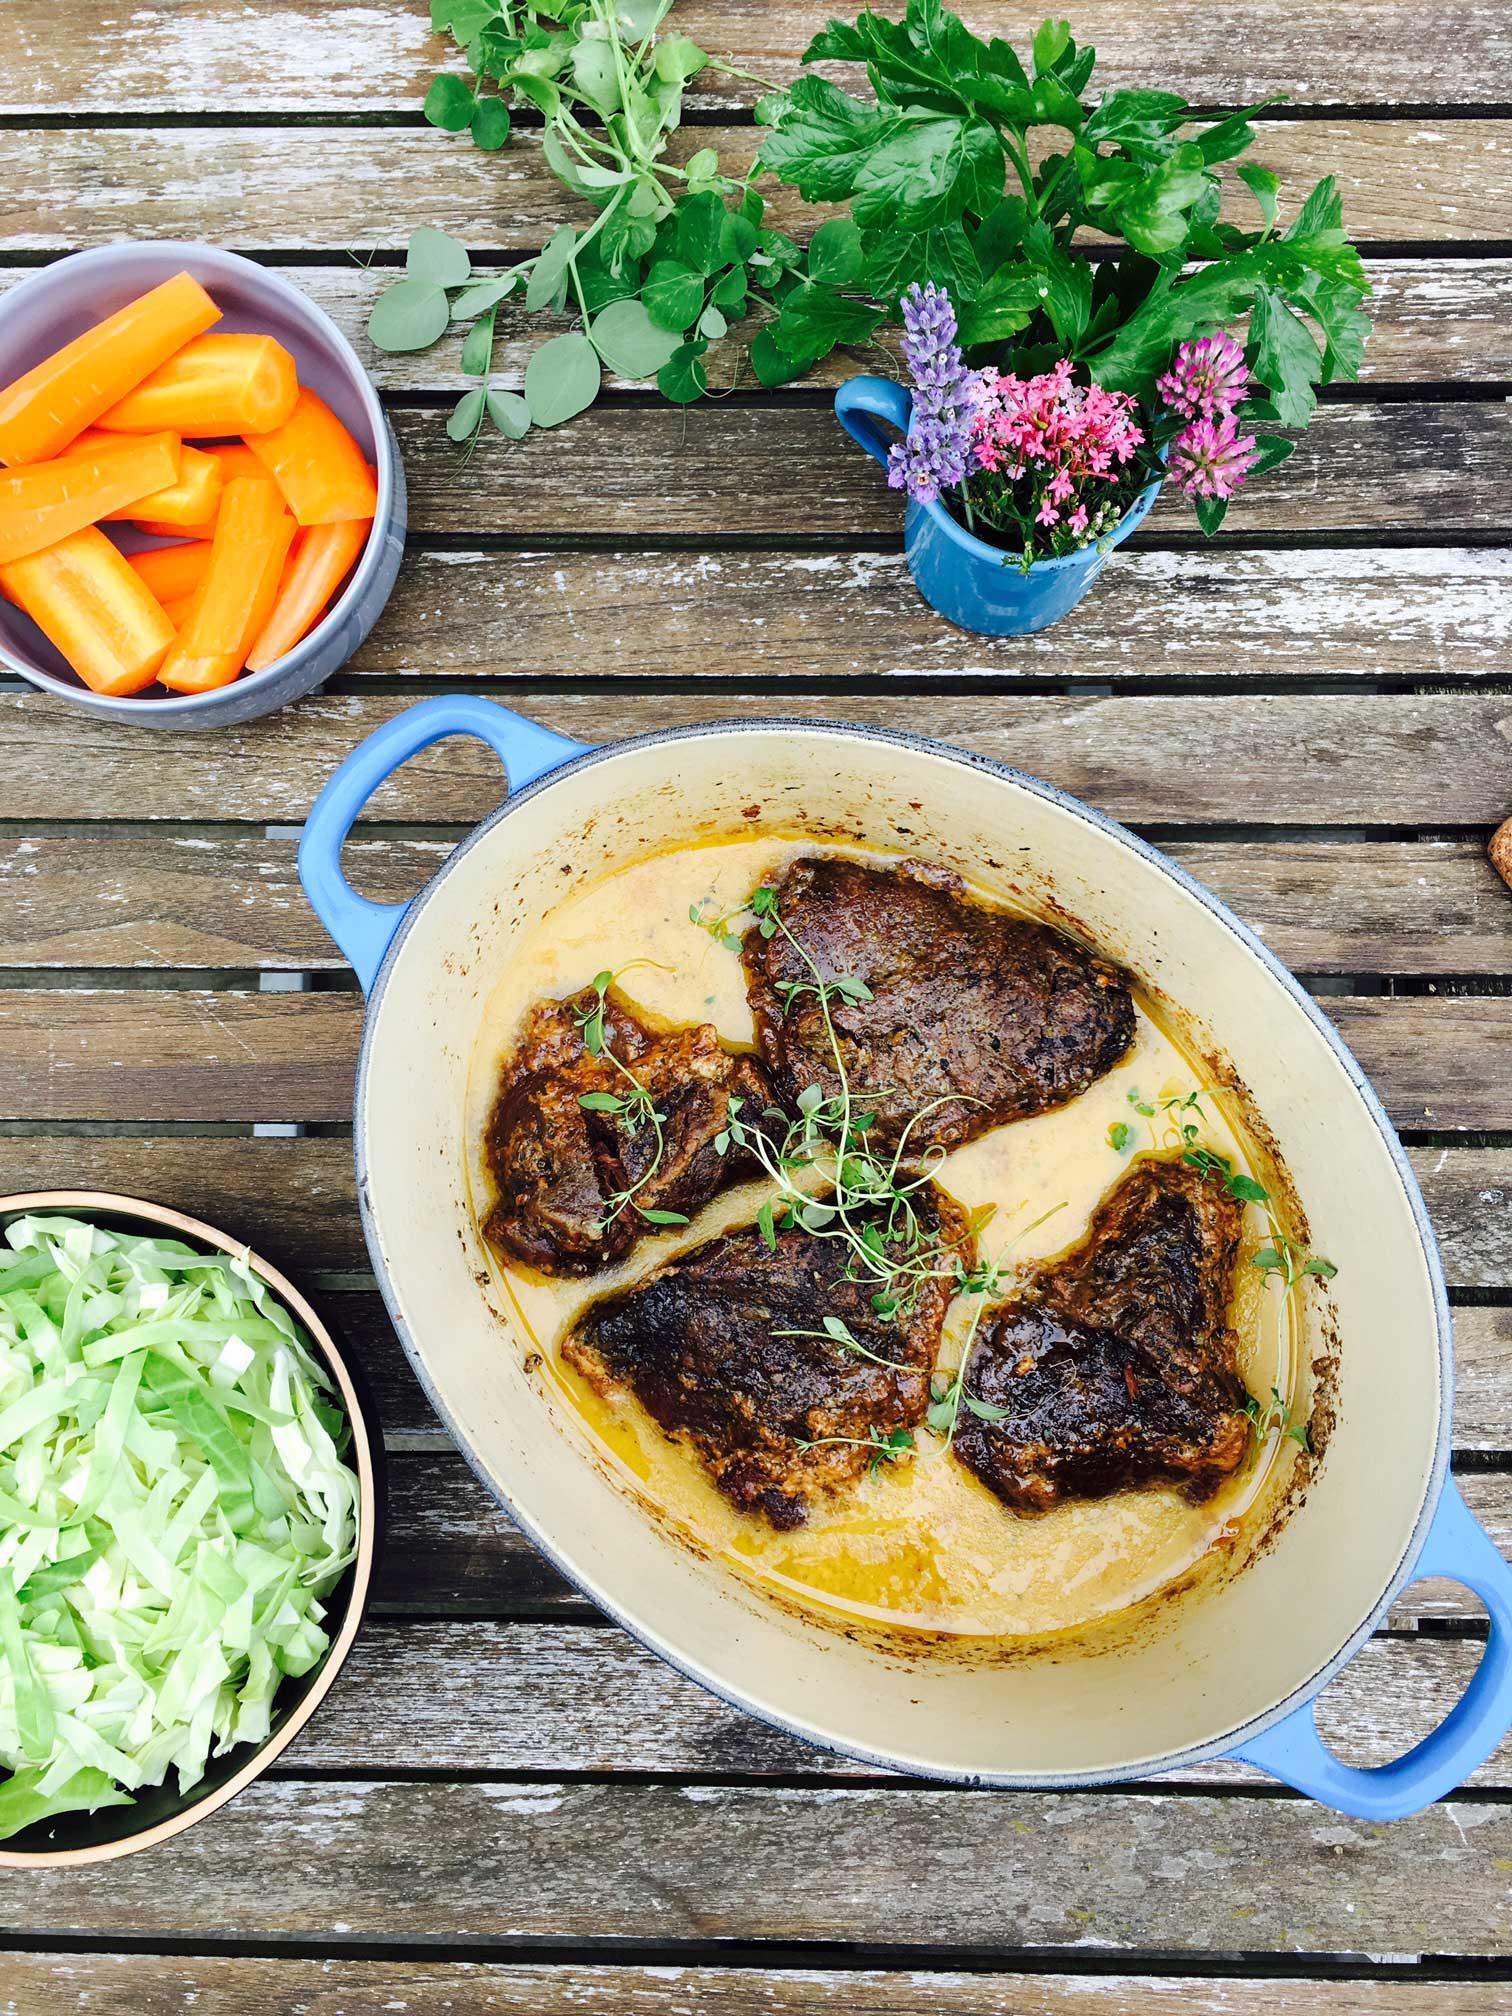 Oksekæber i flødesovs - smørmørt kød i en lækker, velsmagende sovs. Find den nemme opskrift her: Madbanditten.dk